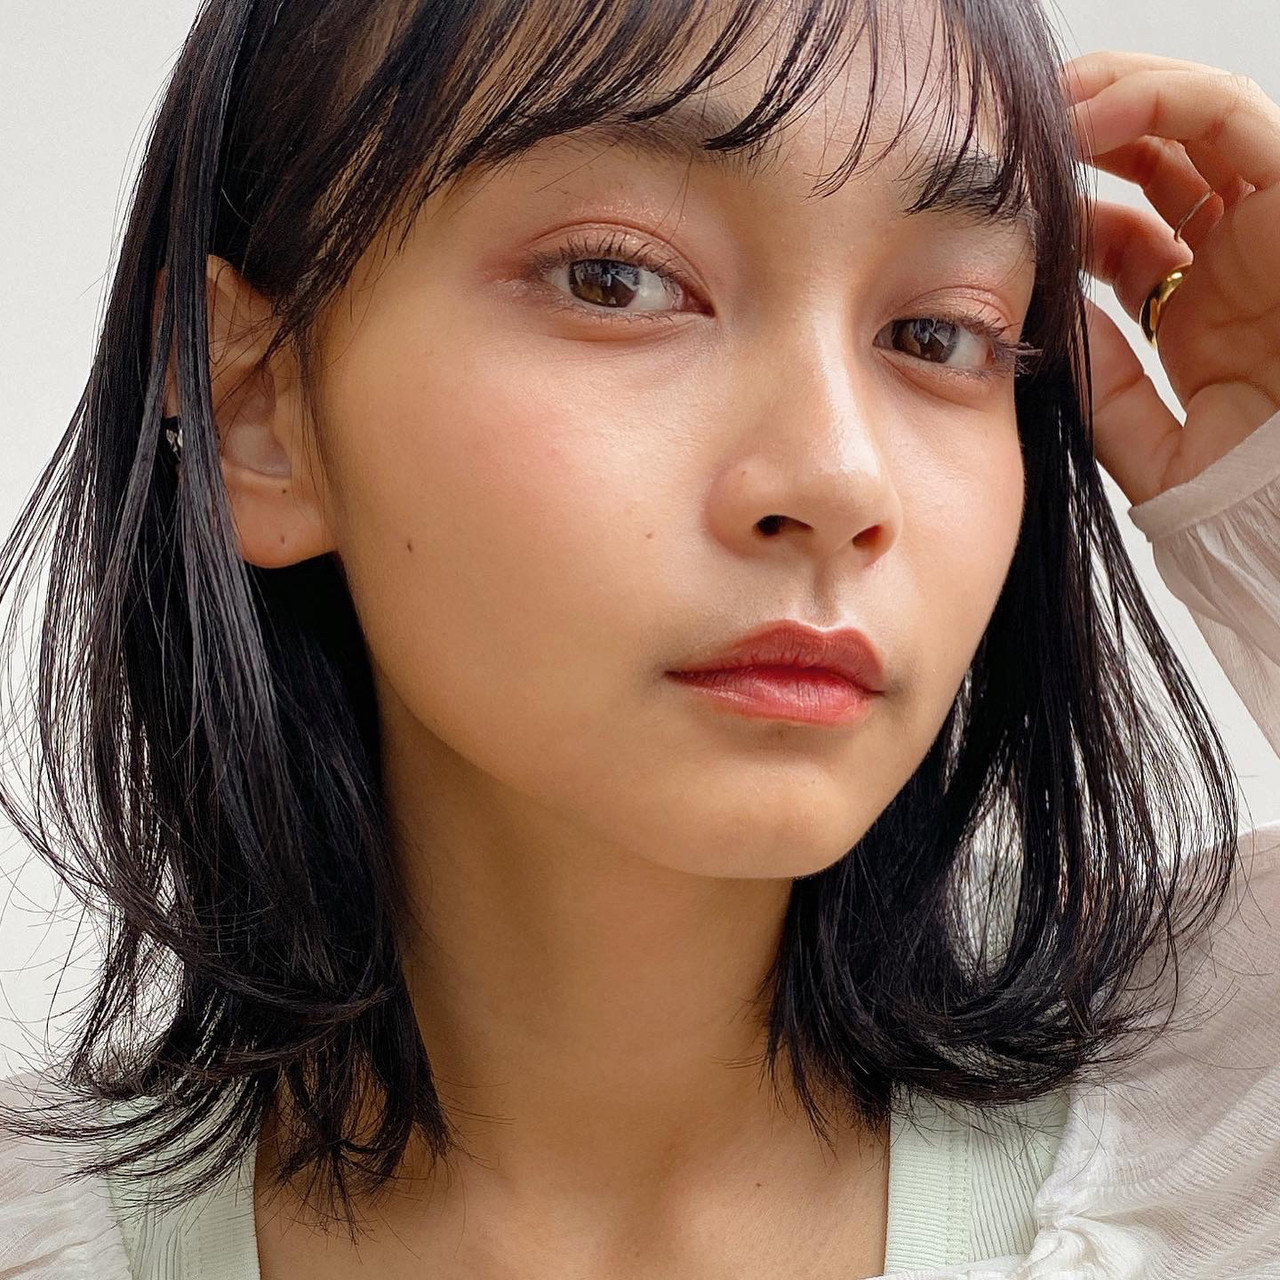 ミディアム 小顔 透明感カラー 前髪あり ヘアスタイルや髪型の写真・画像